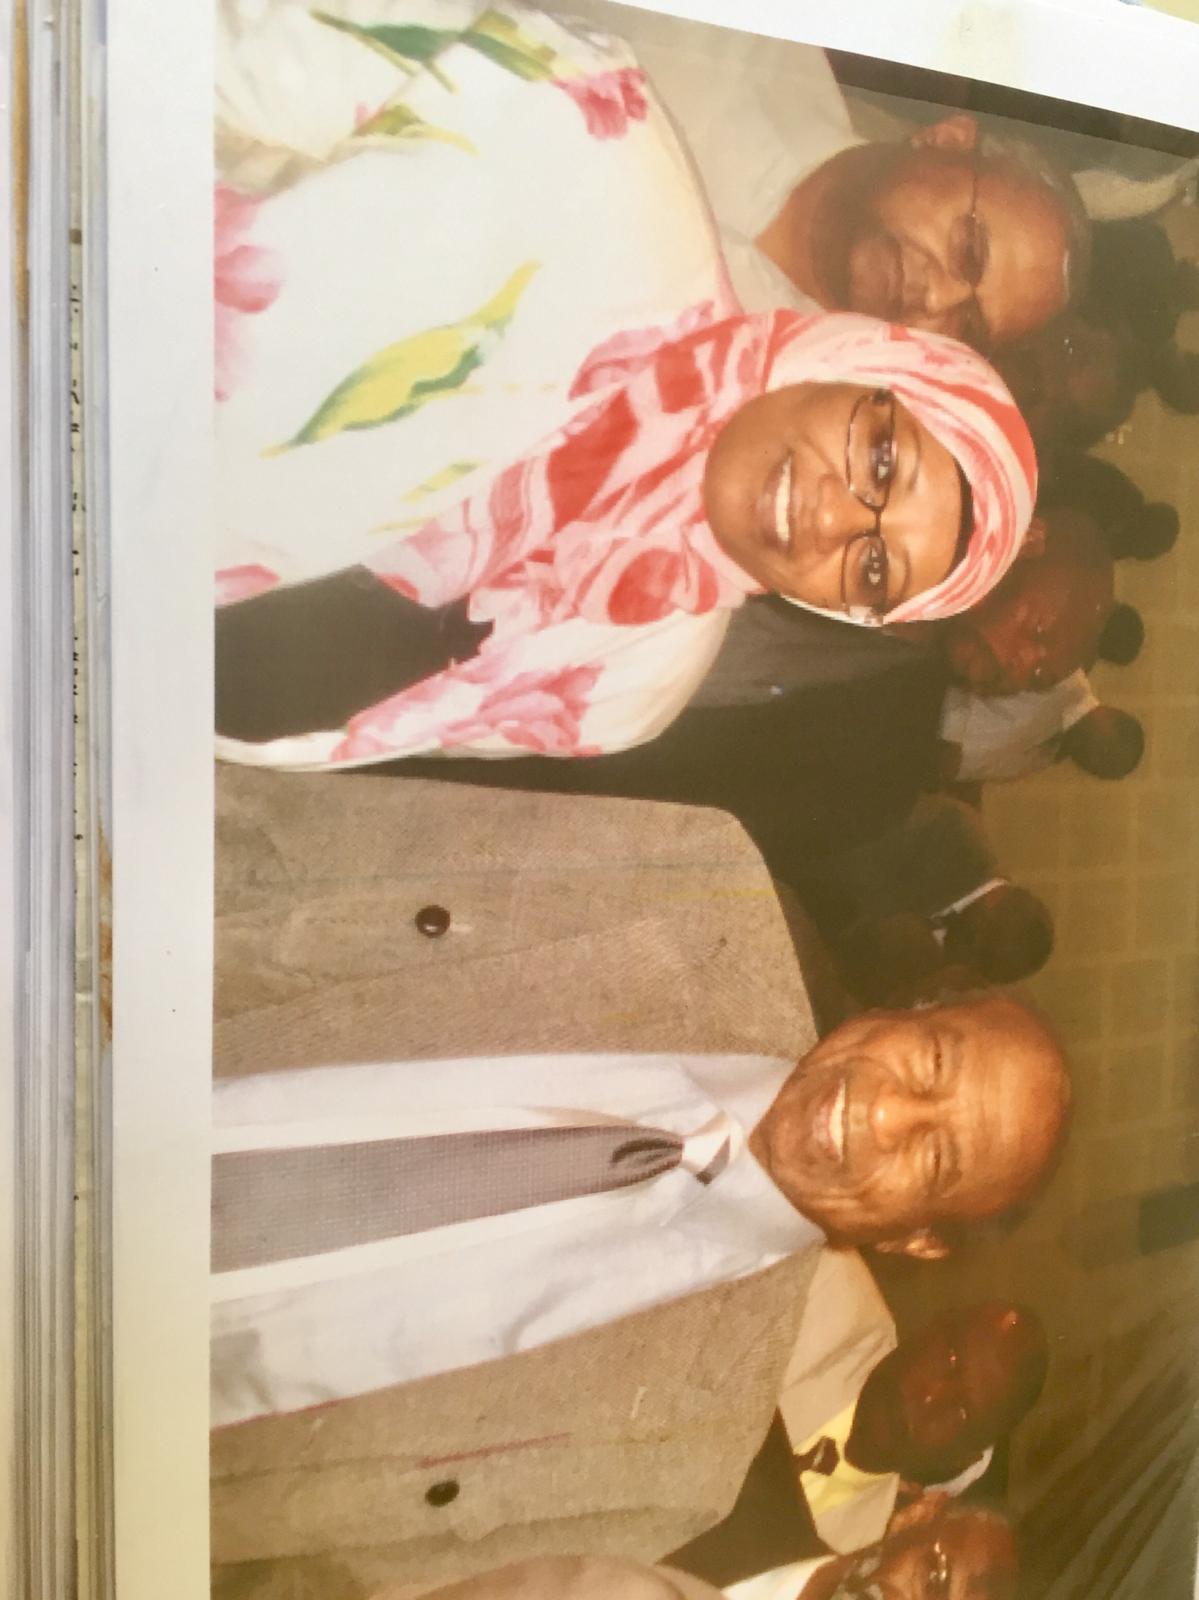 """د. منصور خالد"""" حصيلة عام وأستشراف علي المستقبل"""" وليس أكل الي.."""